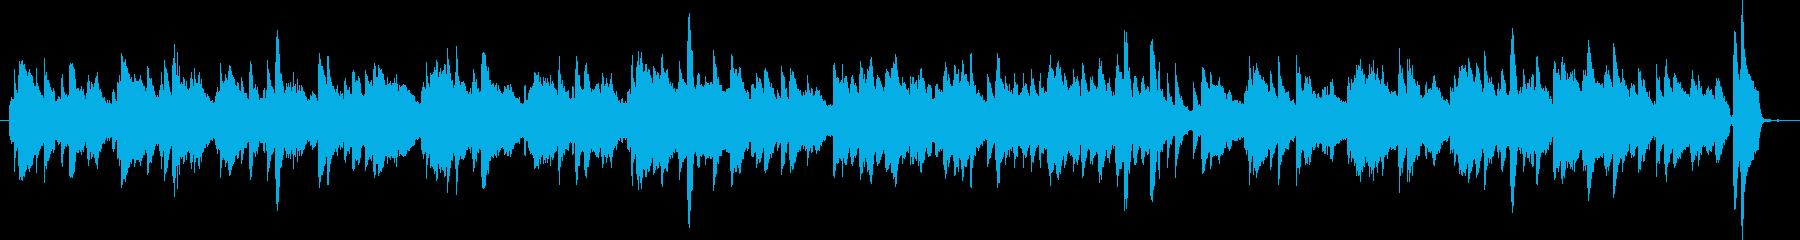 ピアノソロのワルツ・ヨーロッパの民謡ぽいの再生済みの波形